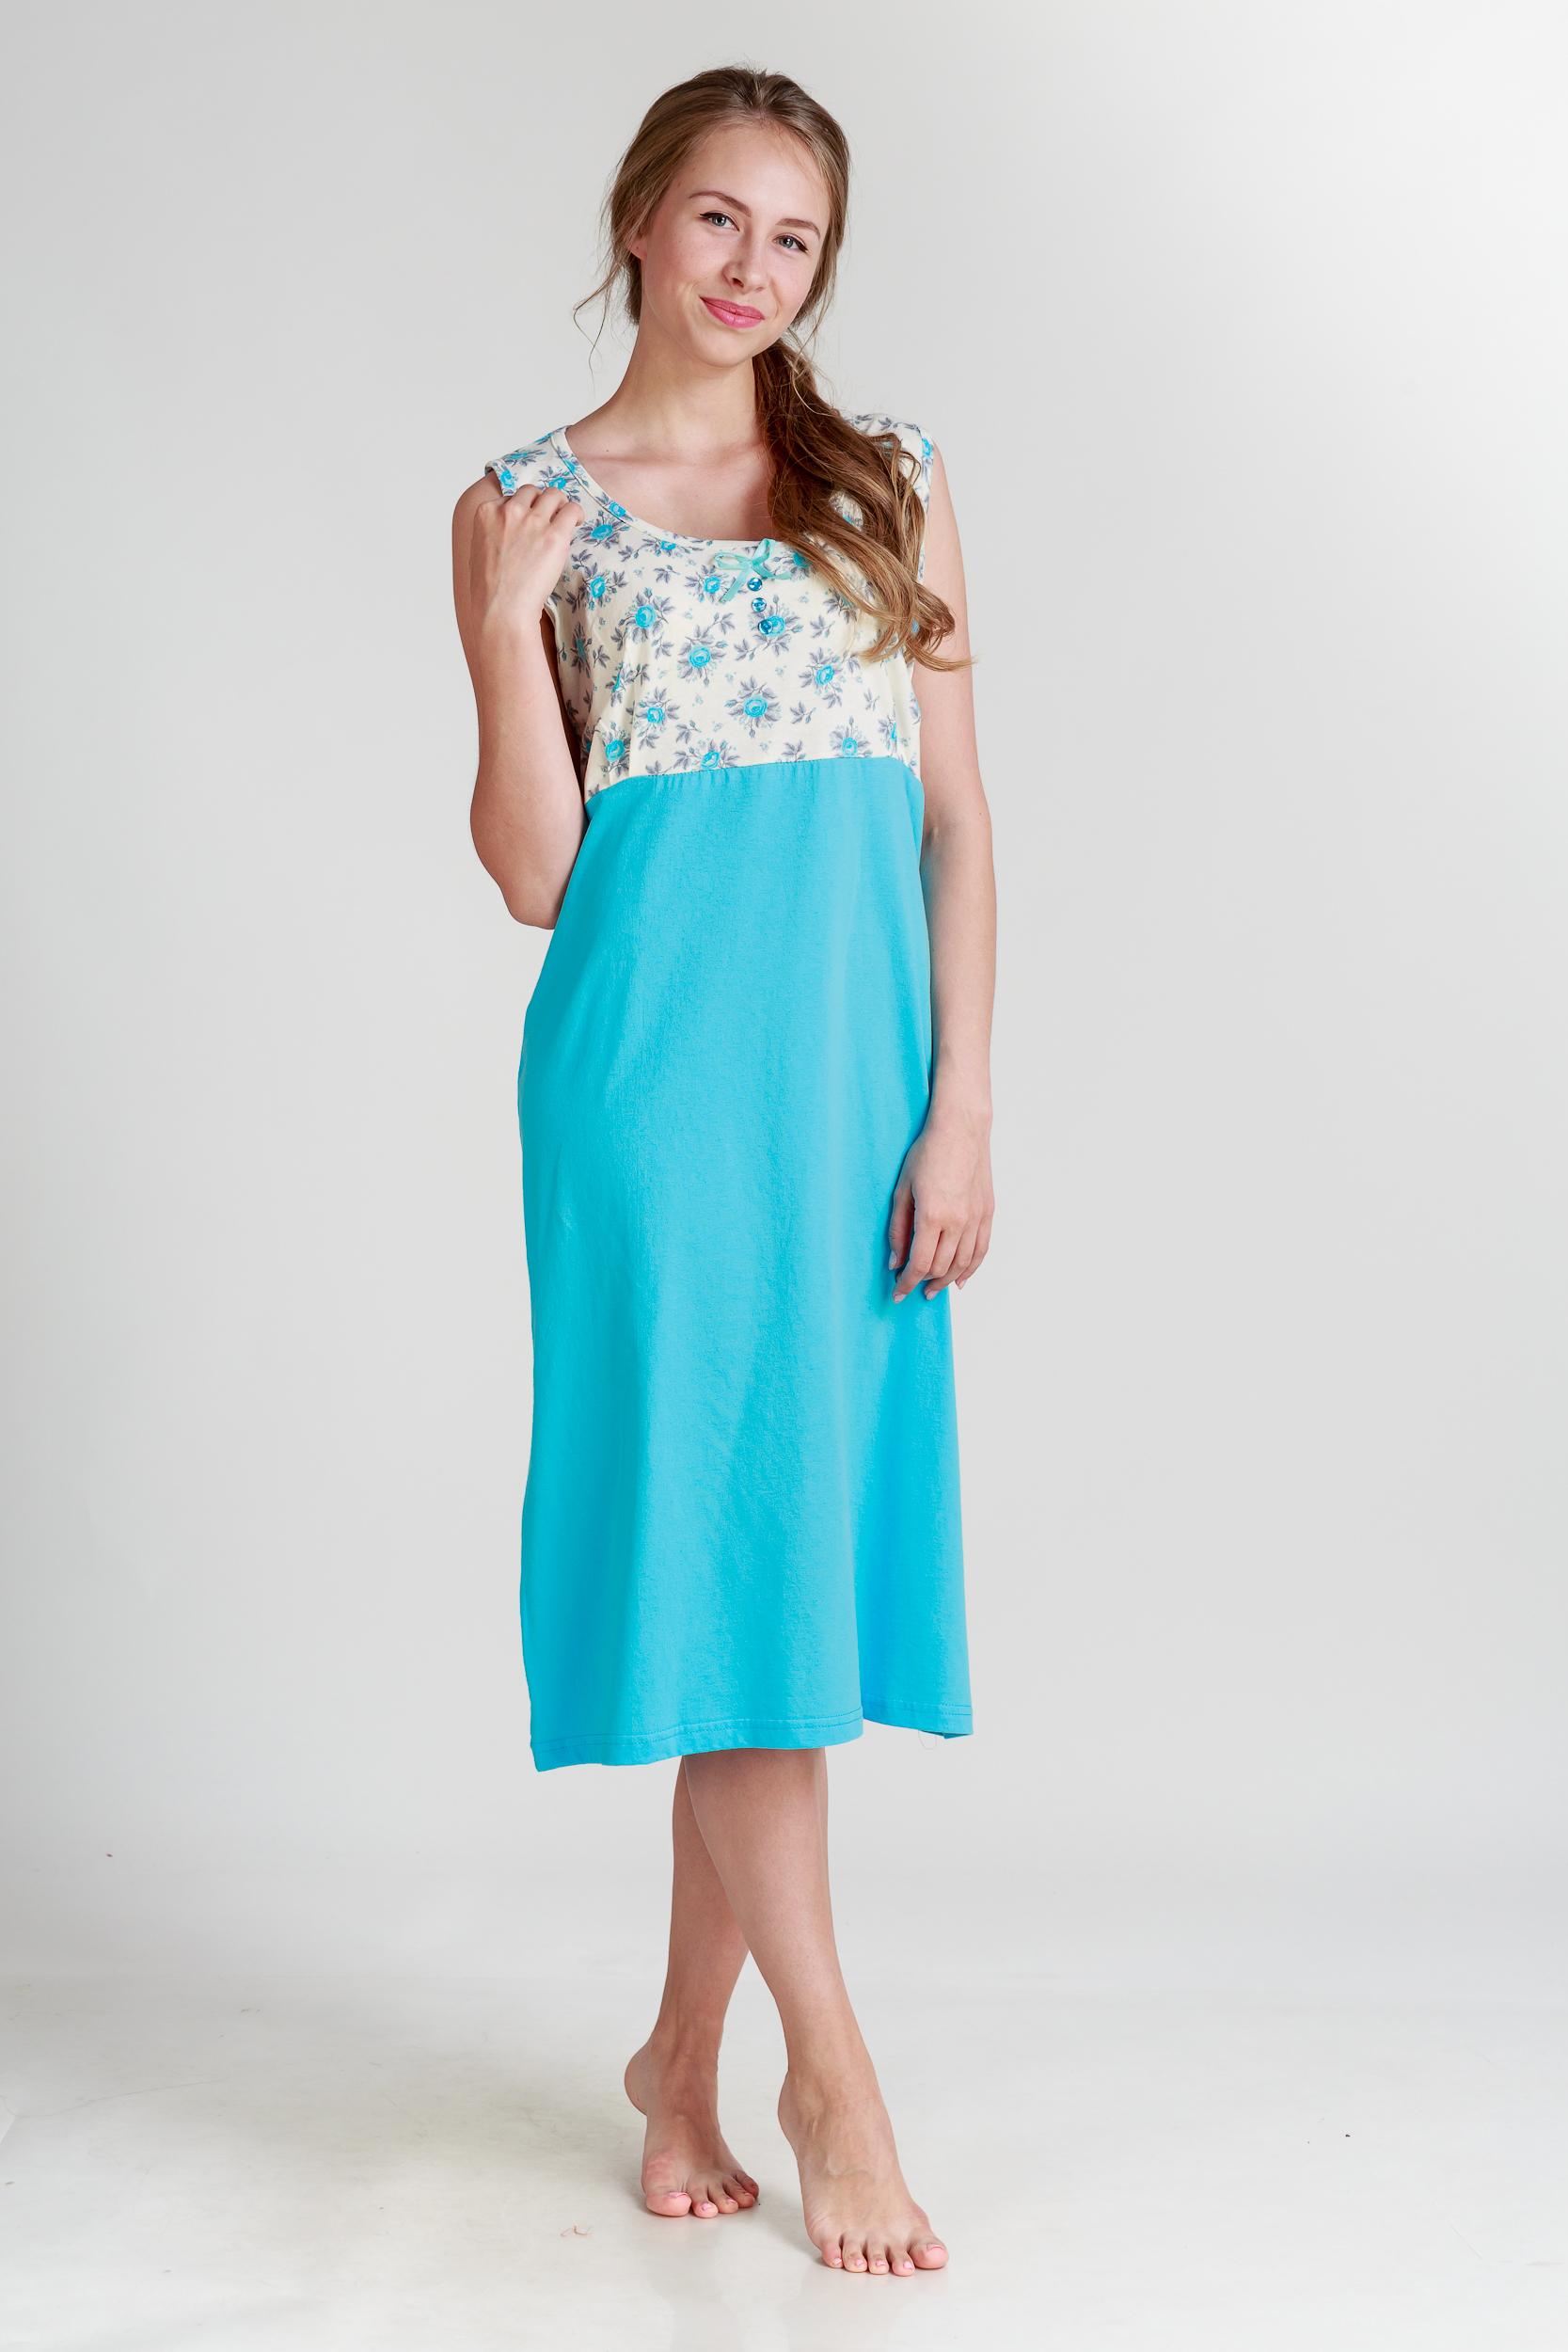 Ночные сорочки Pastilla Ночная сорочка Ваниль Цвет: Голубой (xL-xxL) сорочка ночная для беременных и кормящих мамин дом мамин дом цвет голубой 24130 размер 48